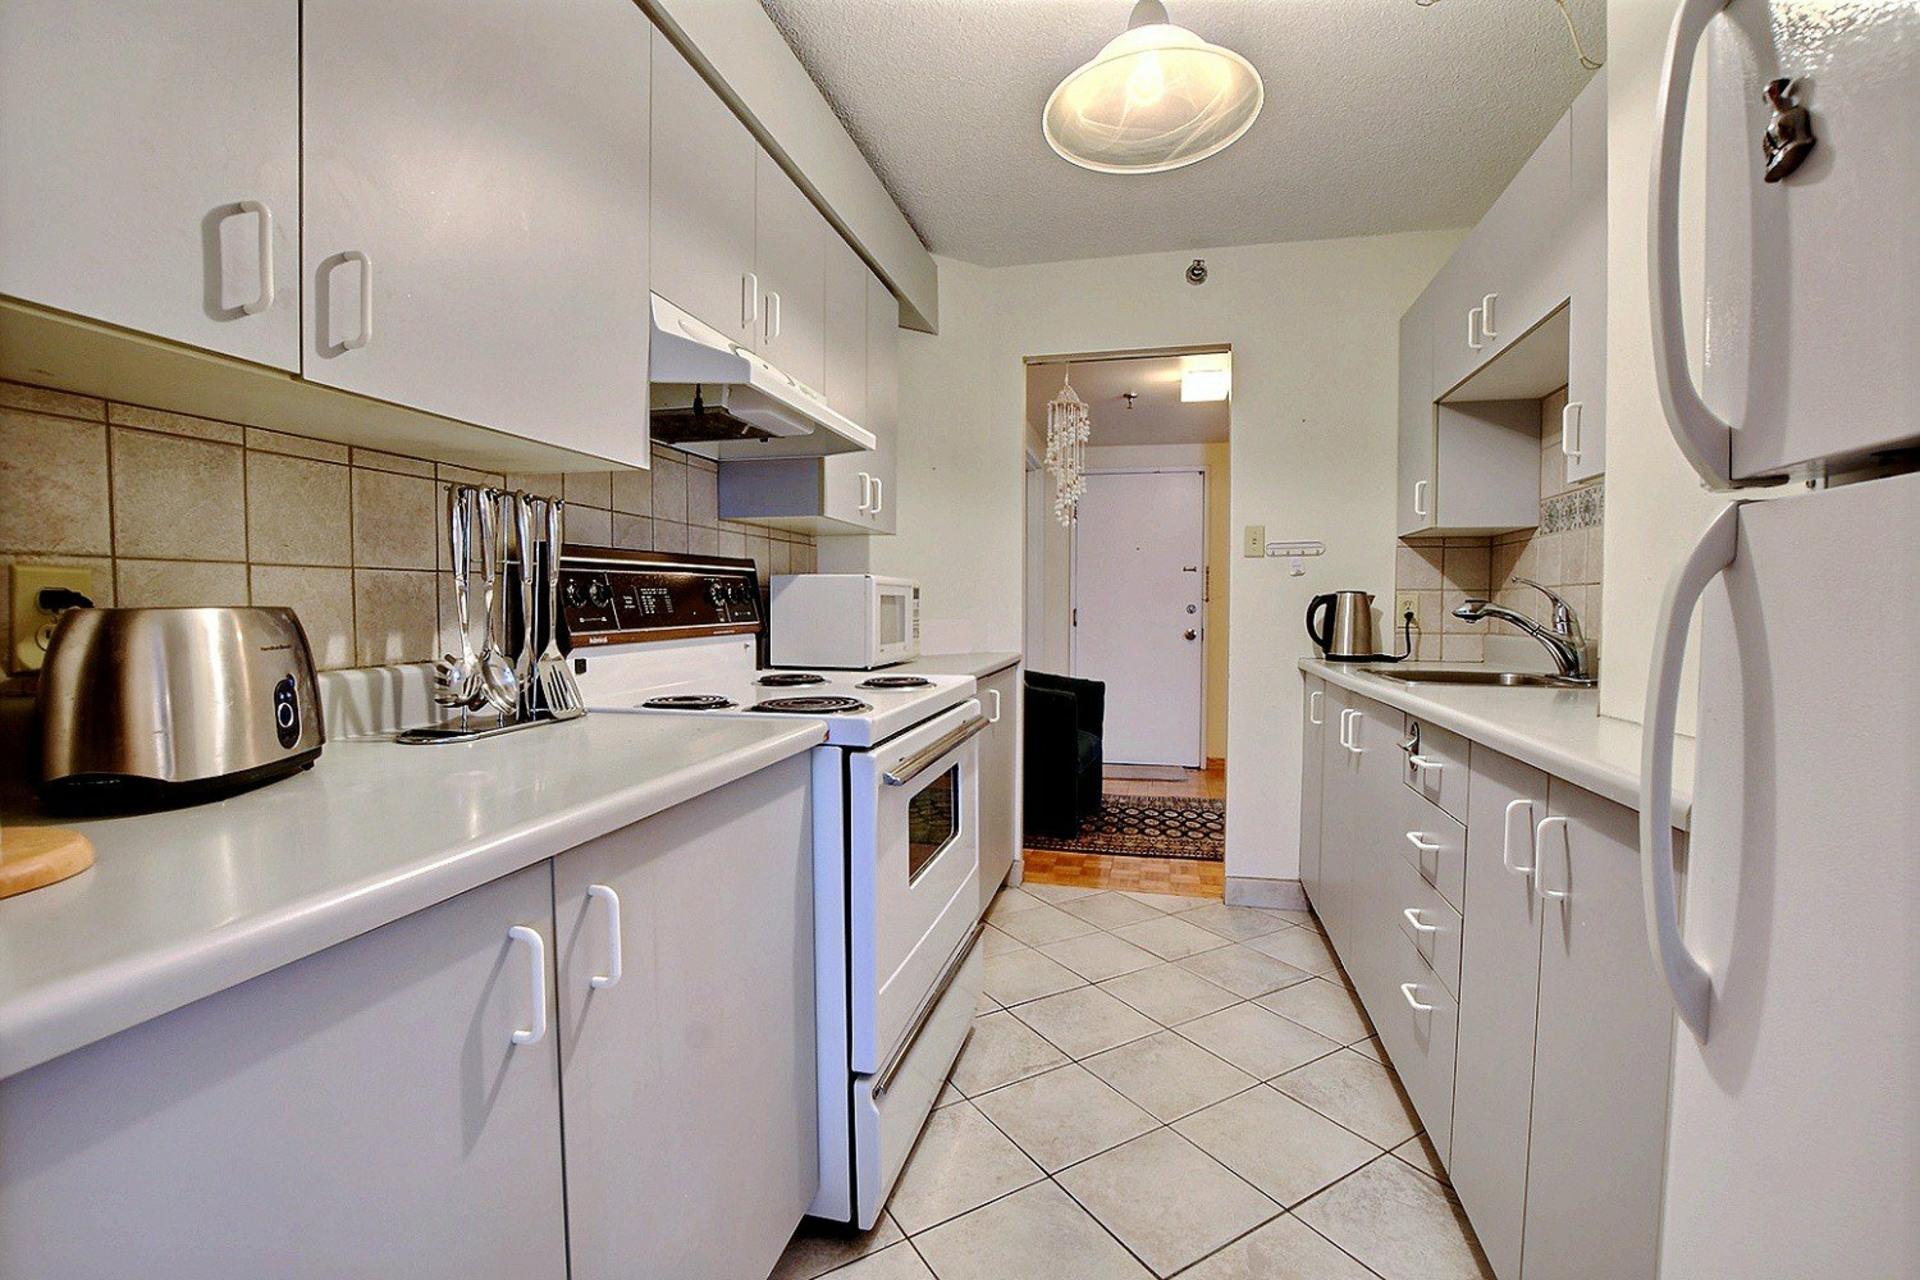 image 11 - Appartement À vendre Montréal Ville-Marie  - 3 pièces